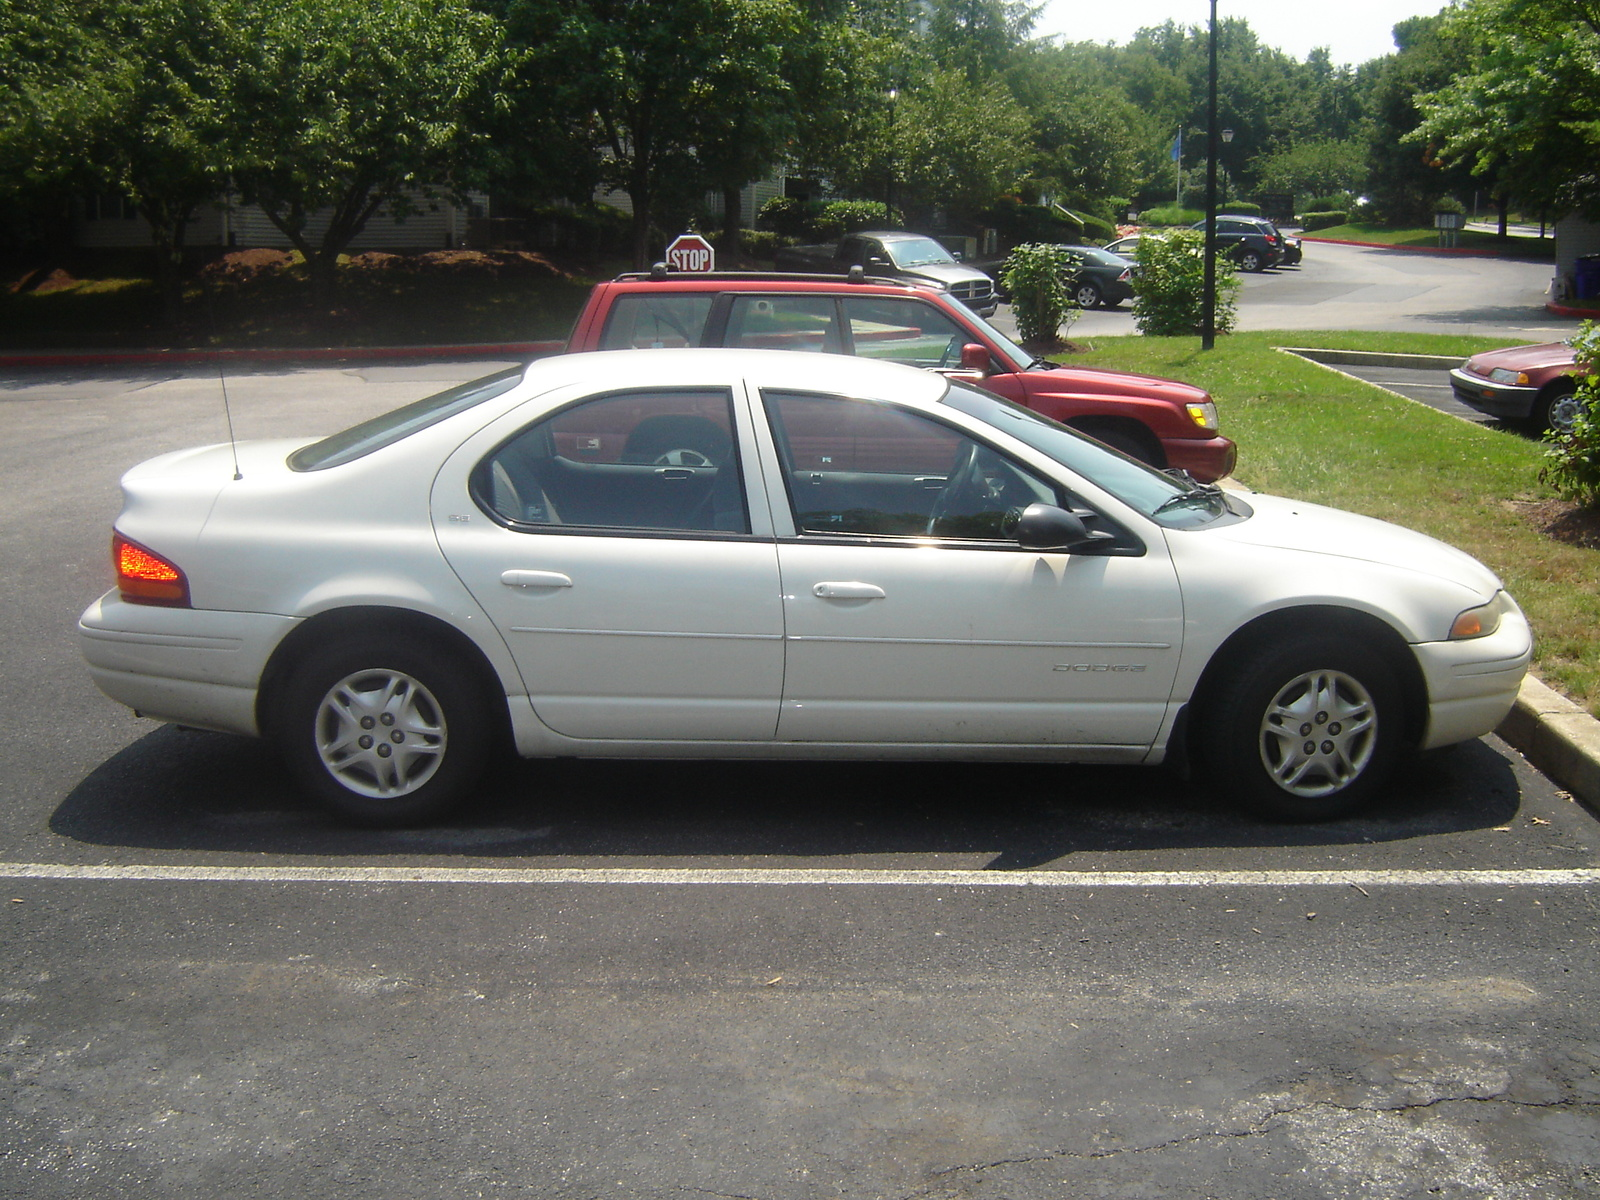 1995 Dodge Stratus #4 Dodge Stratus #4